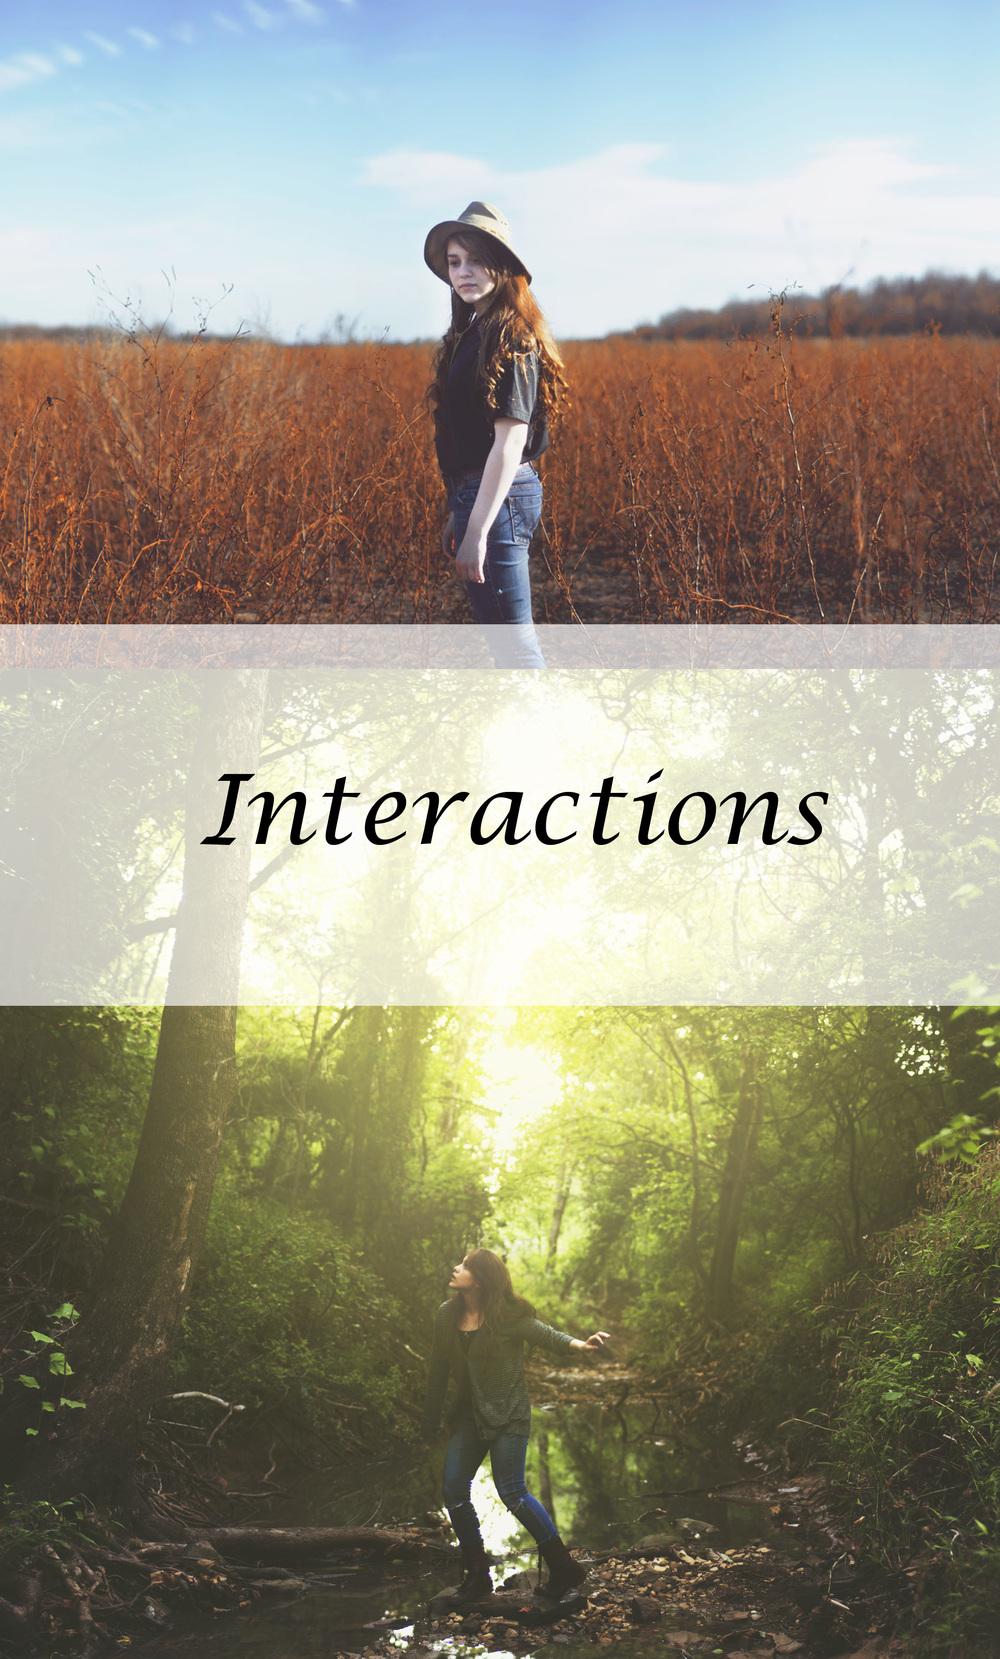 interactin.jpg